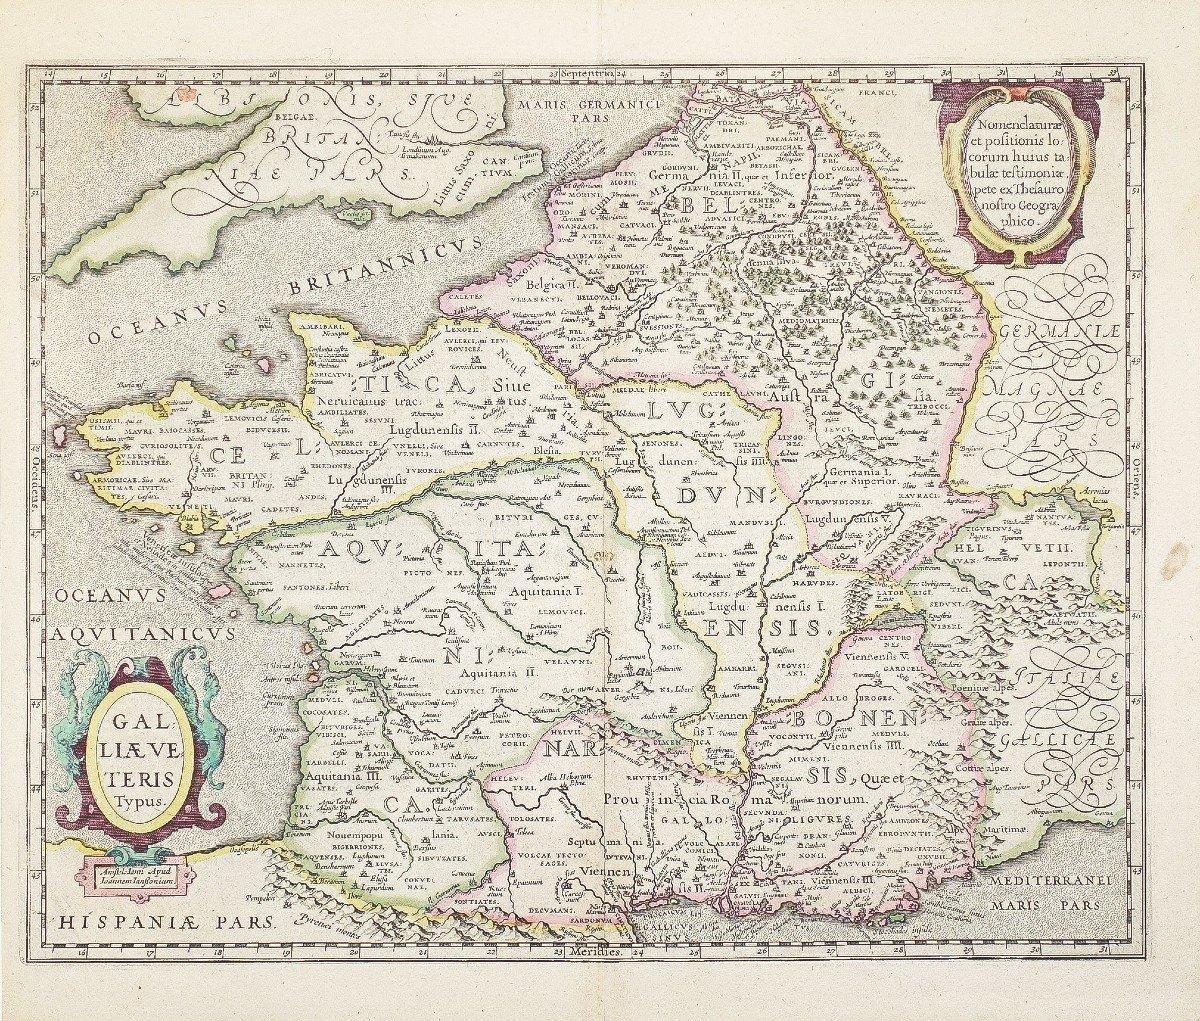 Carte Géographique Ancienne De La France – Galliae-photo-1